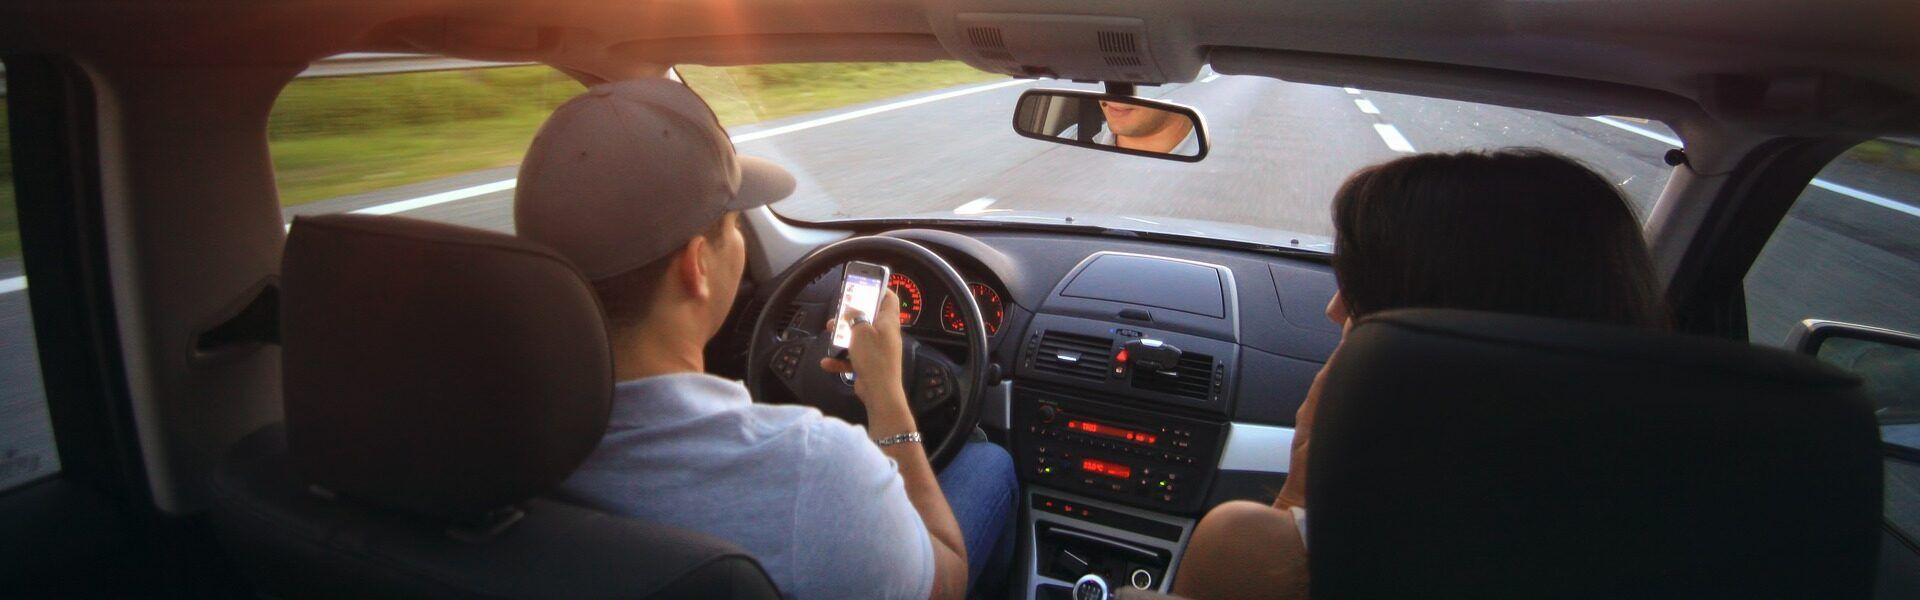 articulos-seguridad-vial